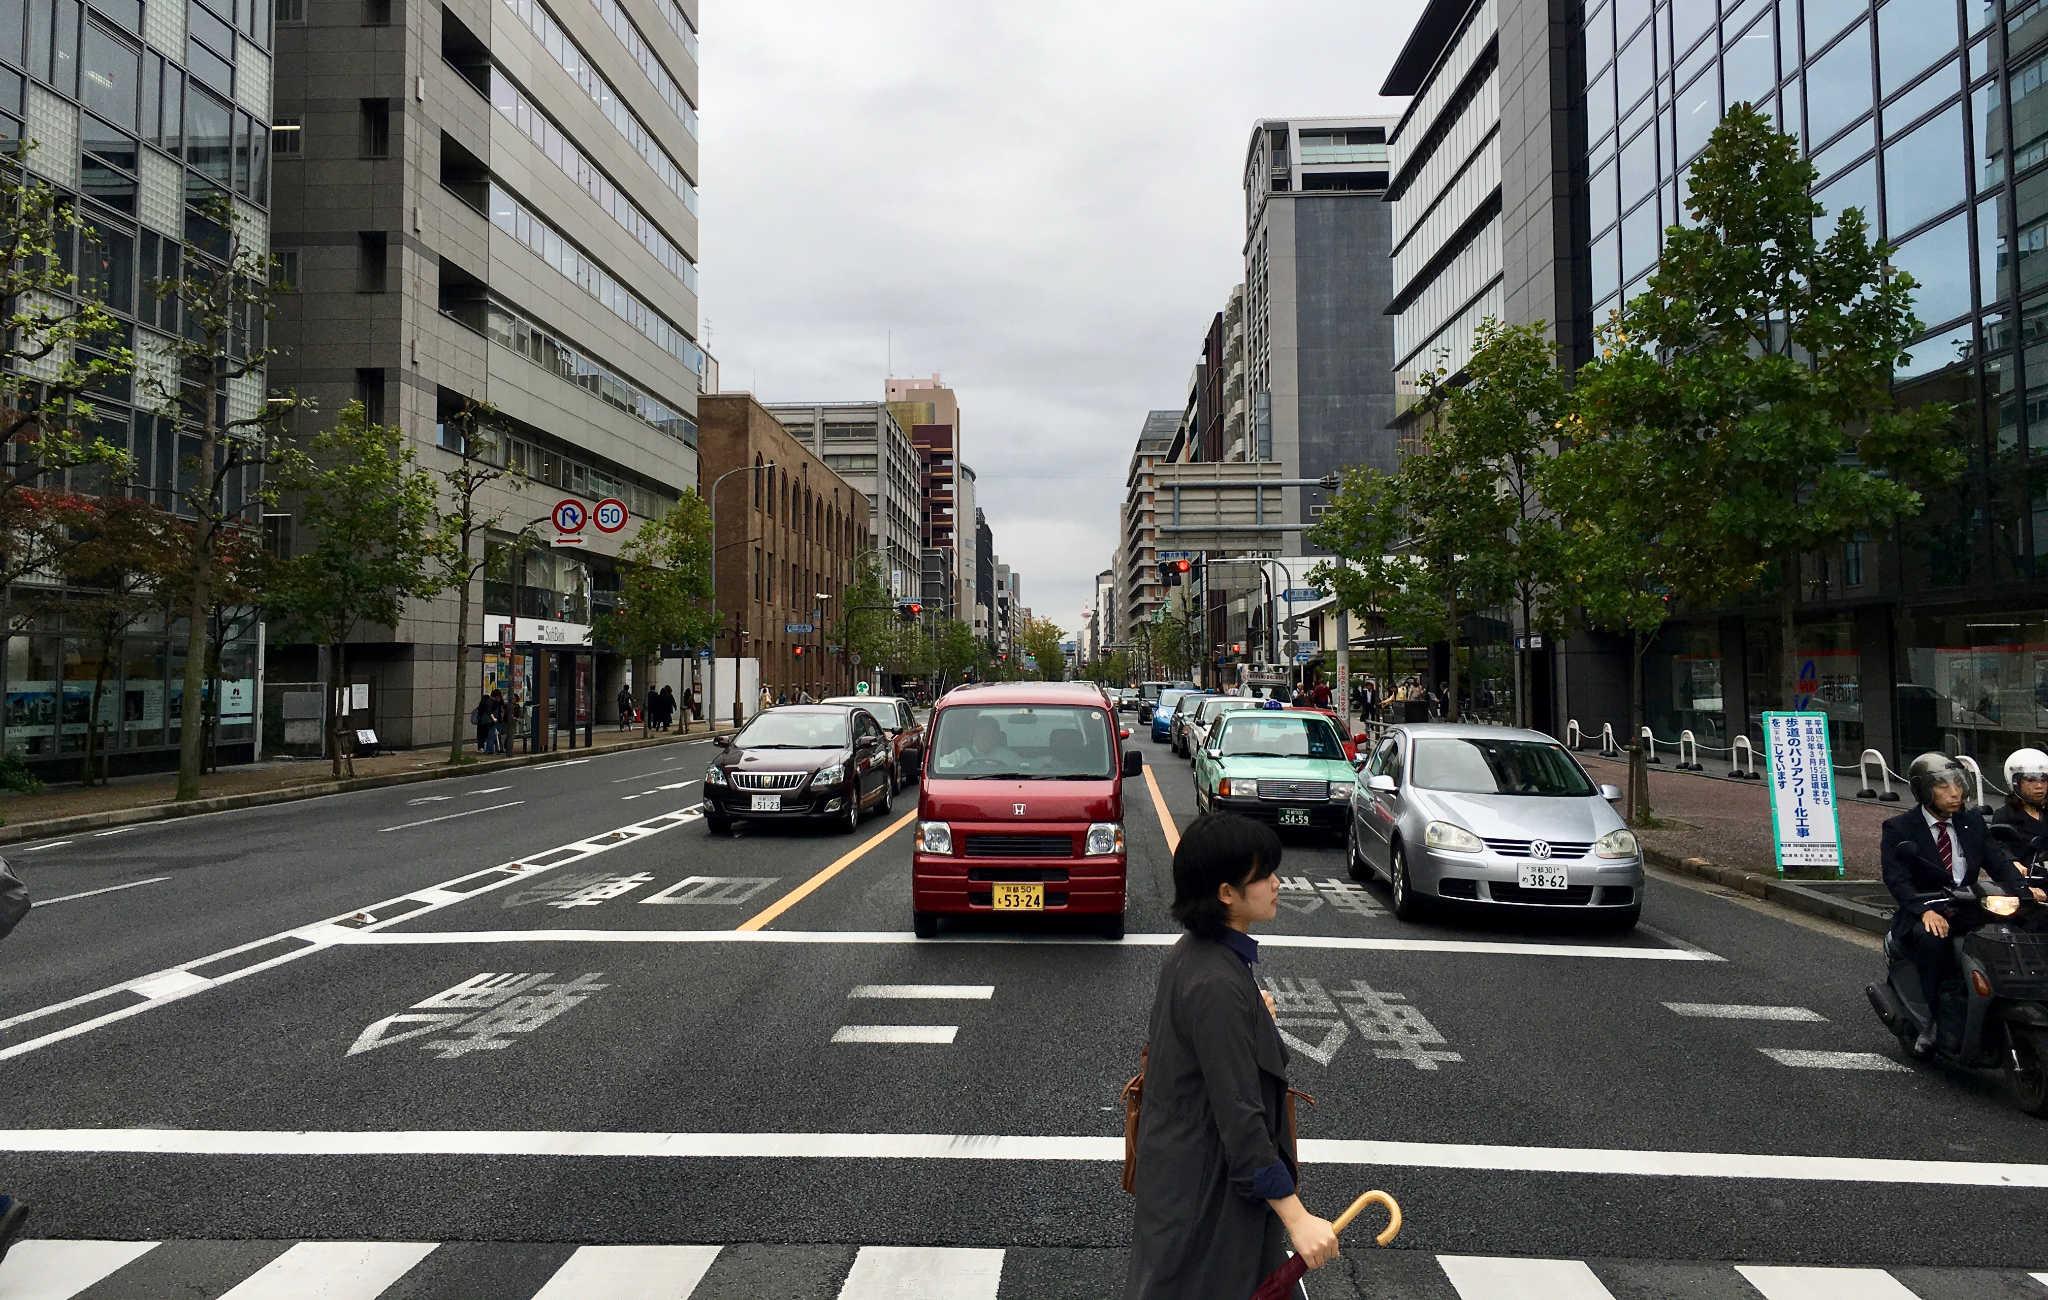 Les grandes artères du centre ville ne sont pas l'image que l'on attend de Kyoto